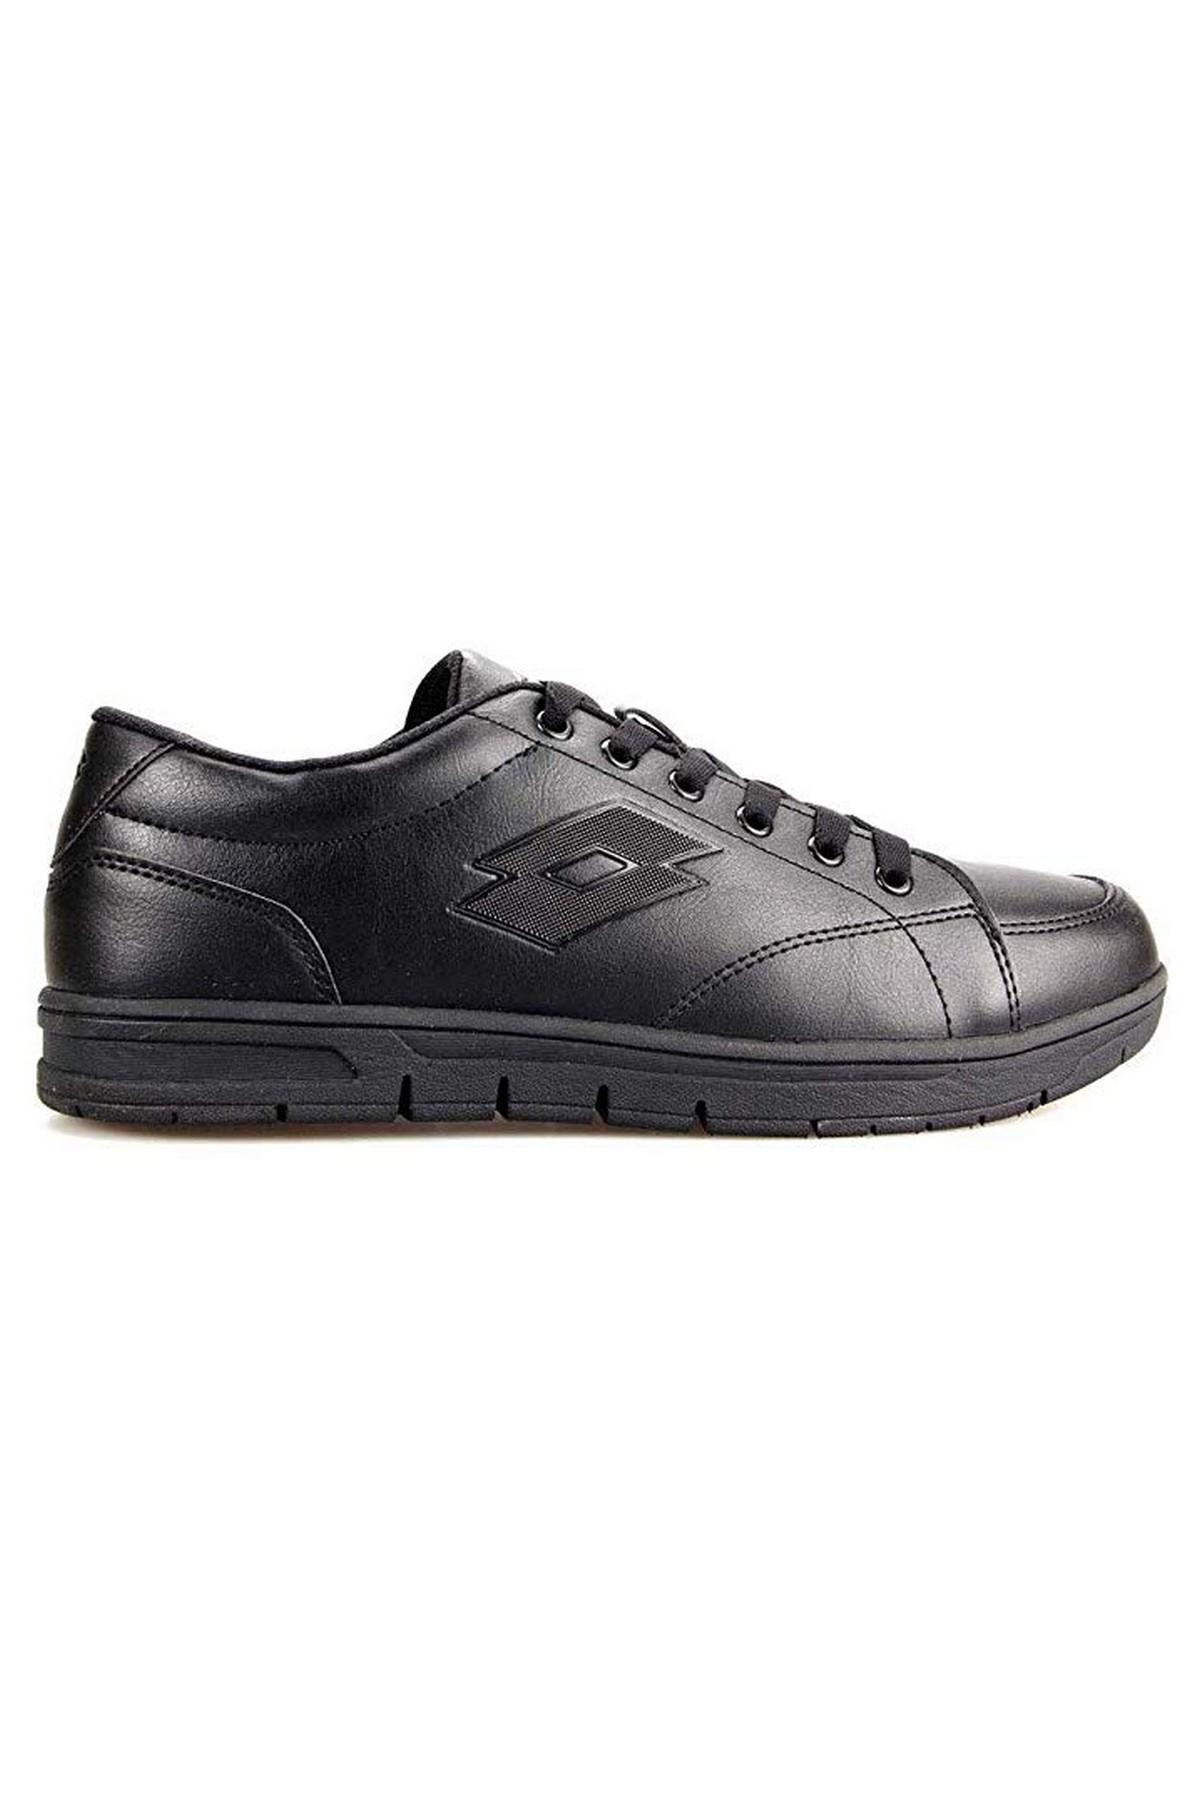 Lotto Wolva Siyah Erkek Günlük Ve Yürüyüş Spor Ayakkabı (T0346)